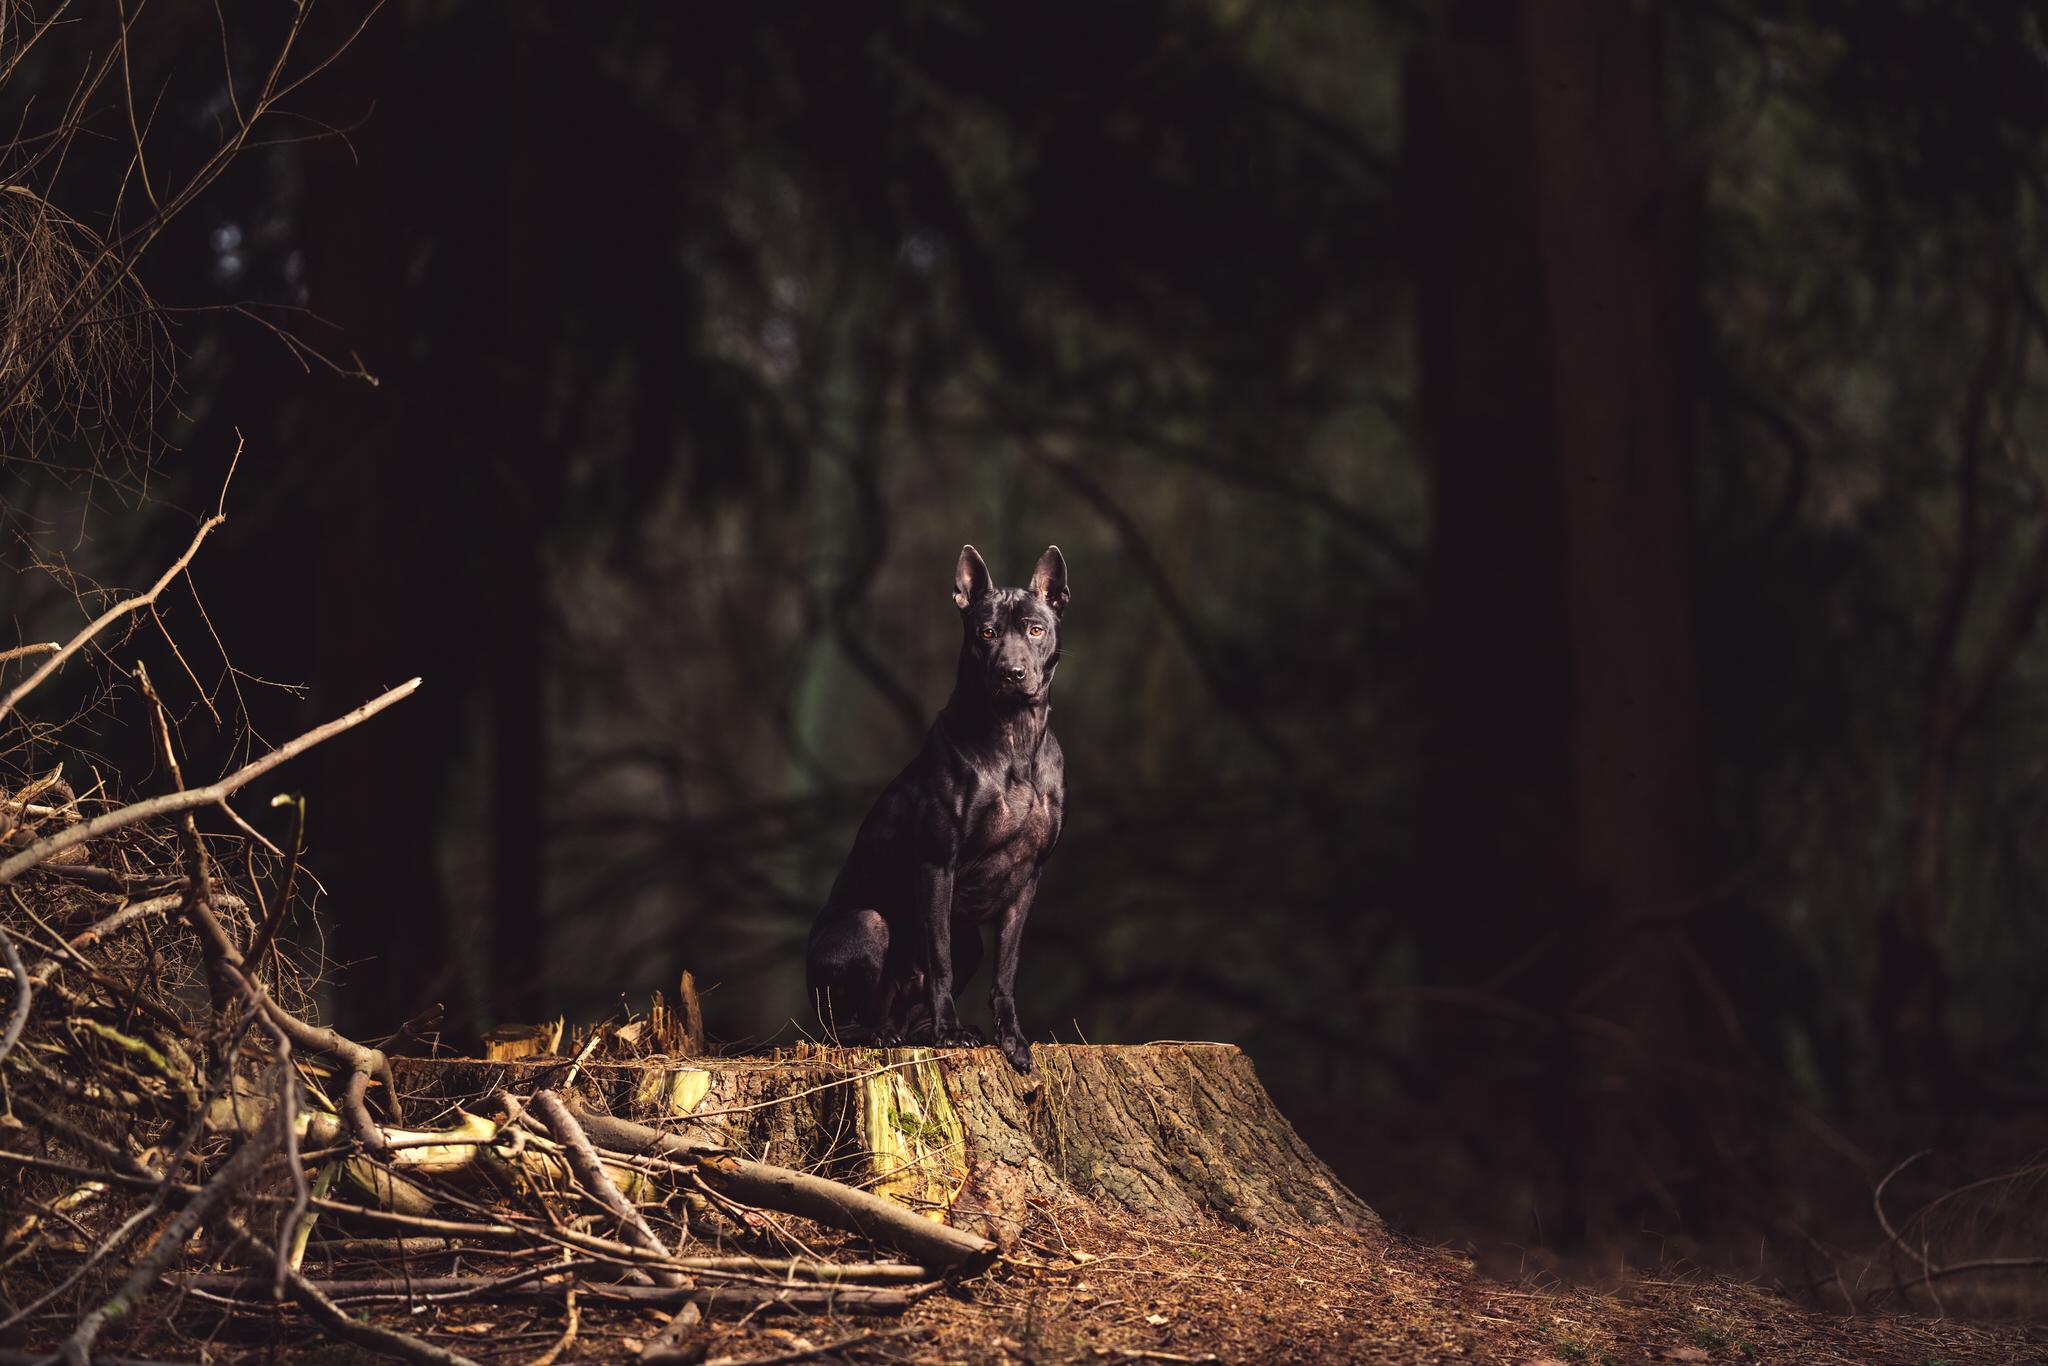 thai ridgeback dog photoshoot forest